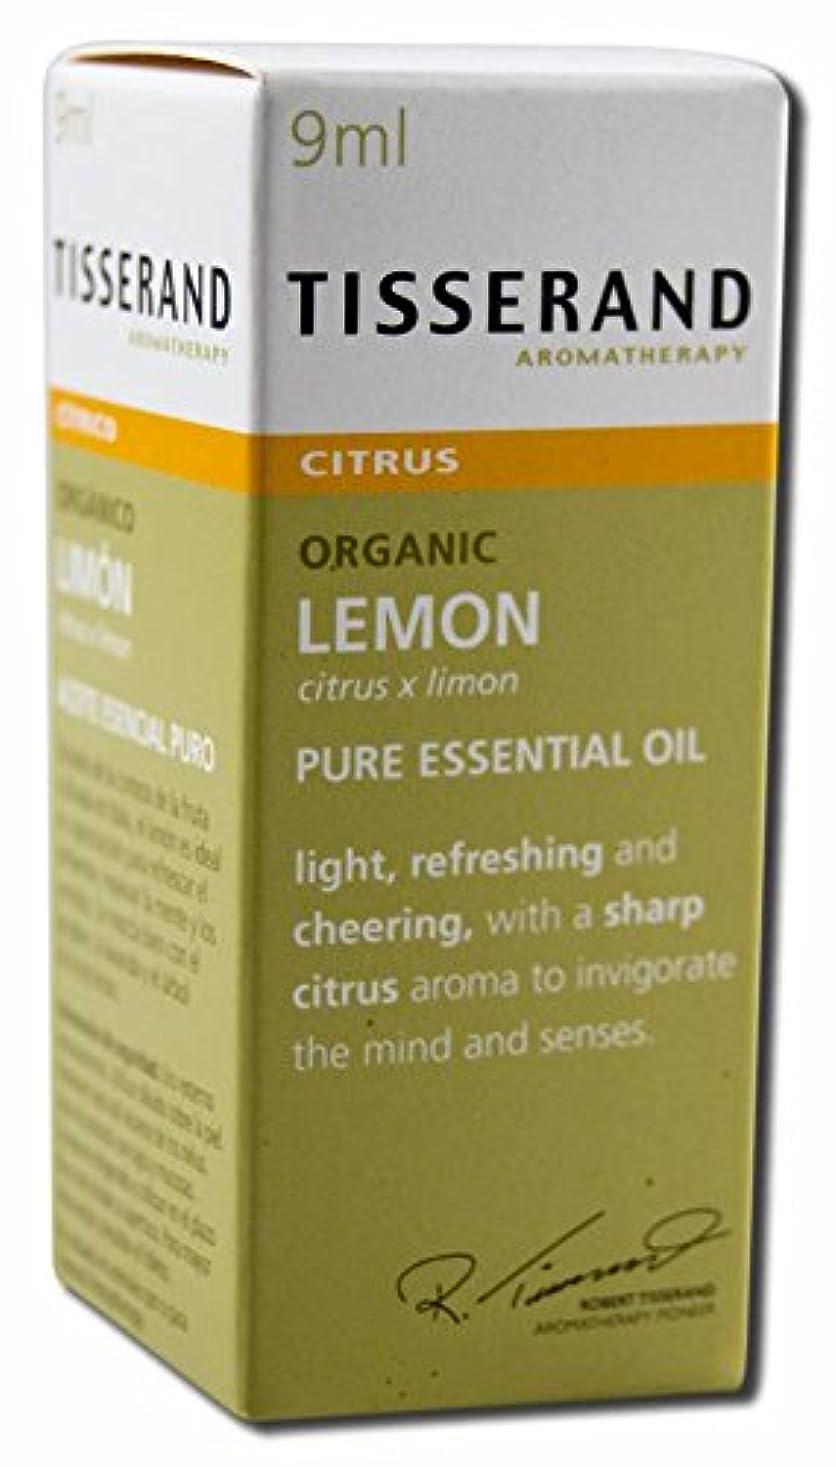 学期いろいろ置換ロバートティスランド ピュアエッセンシャルオイル レモン 9ml (オーガニック)